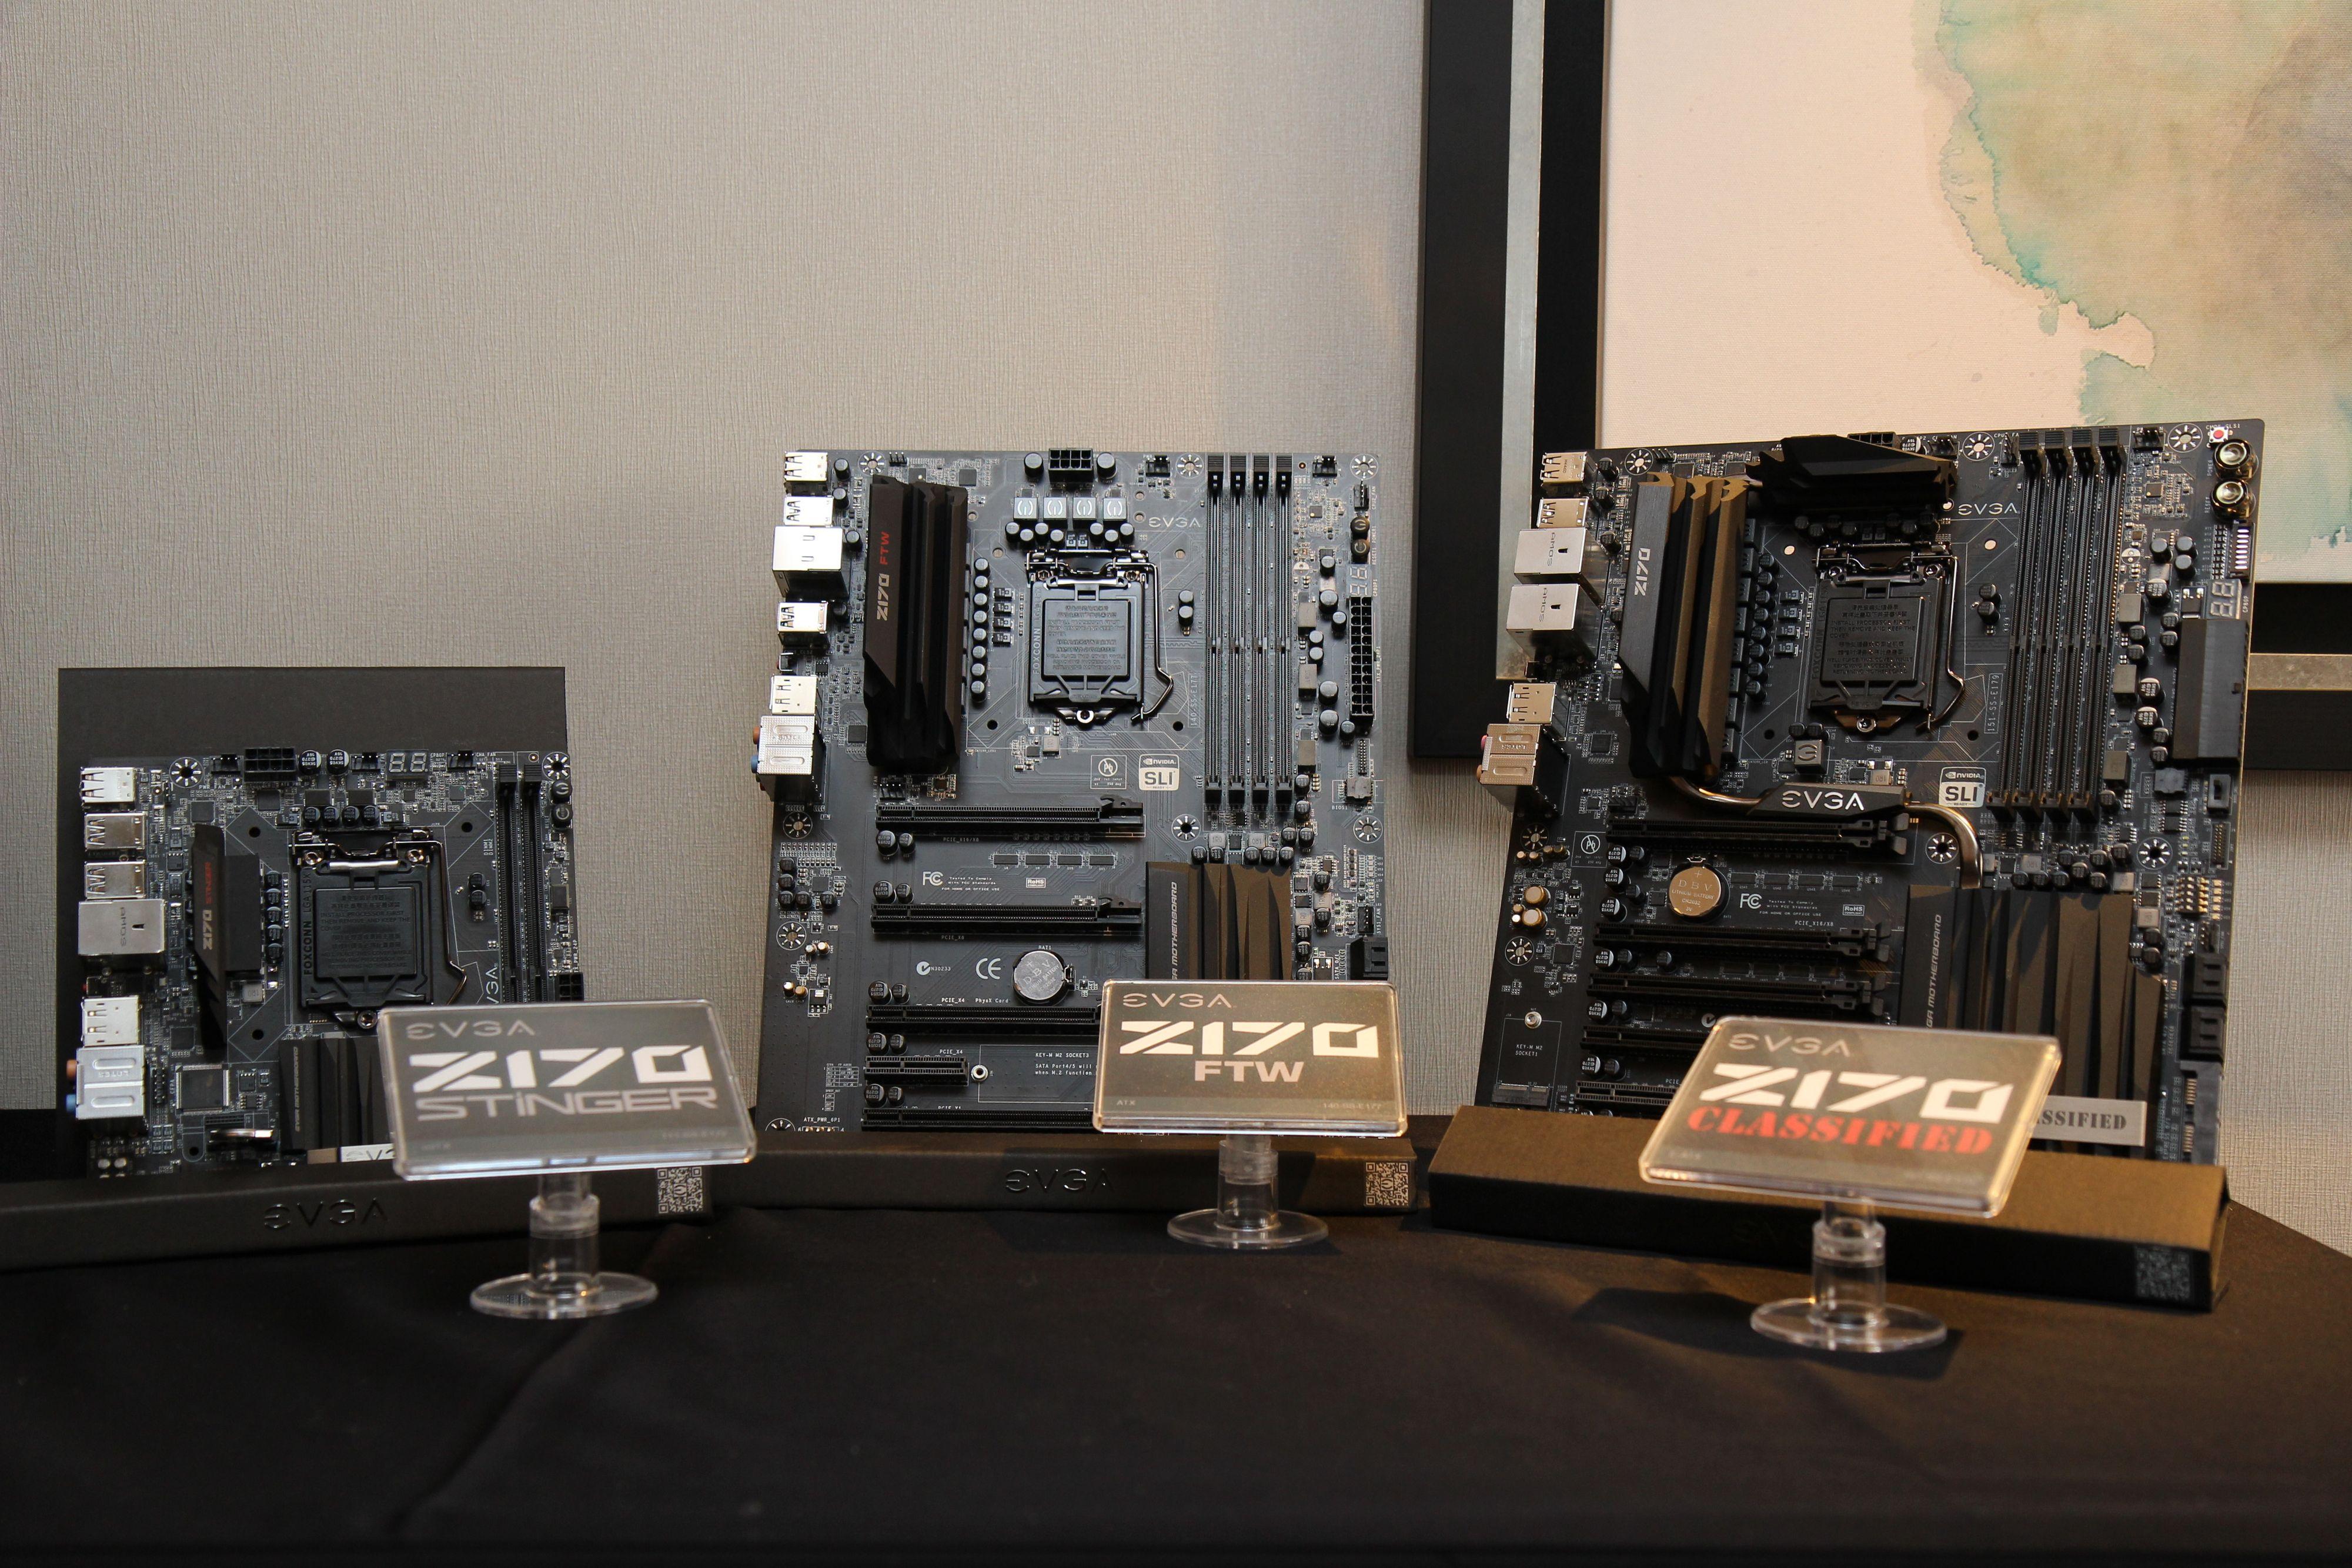 Tre nye hovedkortmodeller; Z170 Classified, FTW og Stinger. Flaggskipet er Classified. Kortene støtter Intels 6.generasjon Skylake-prosessorer som kommer i tredje kvartal. Foto: Kurt Lekanger, Tek.no